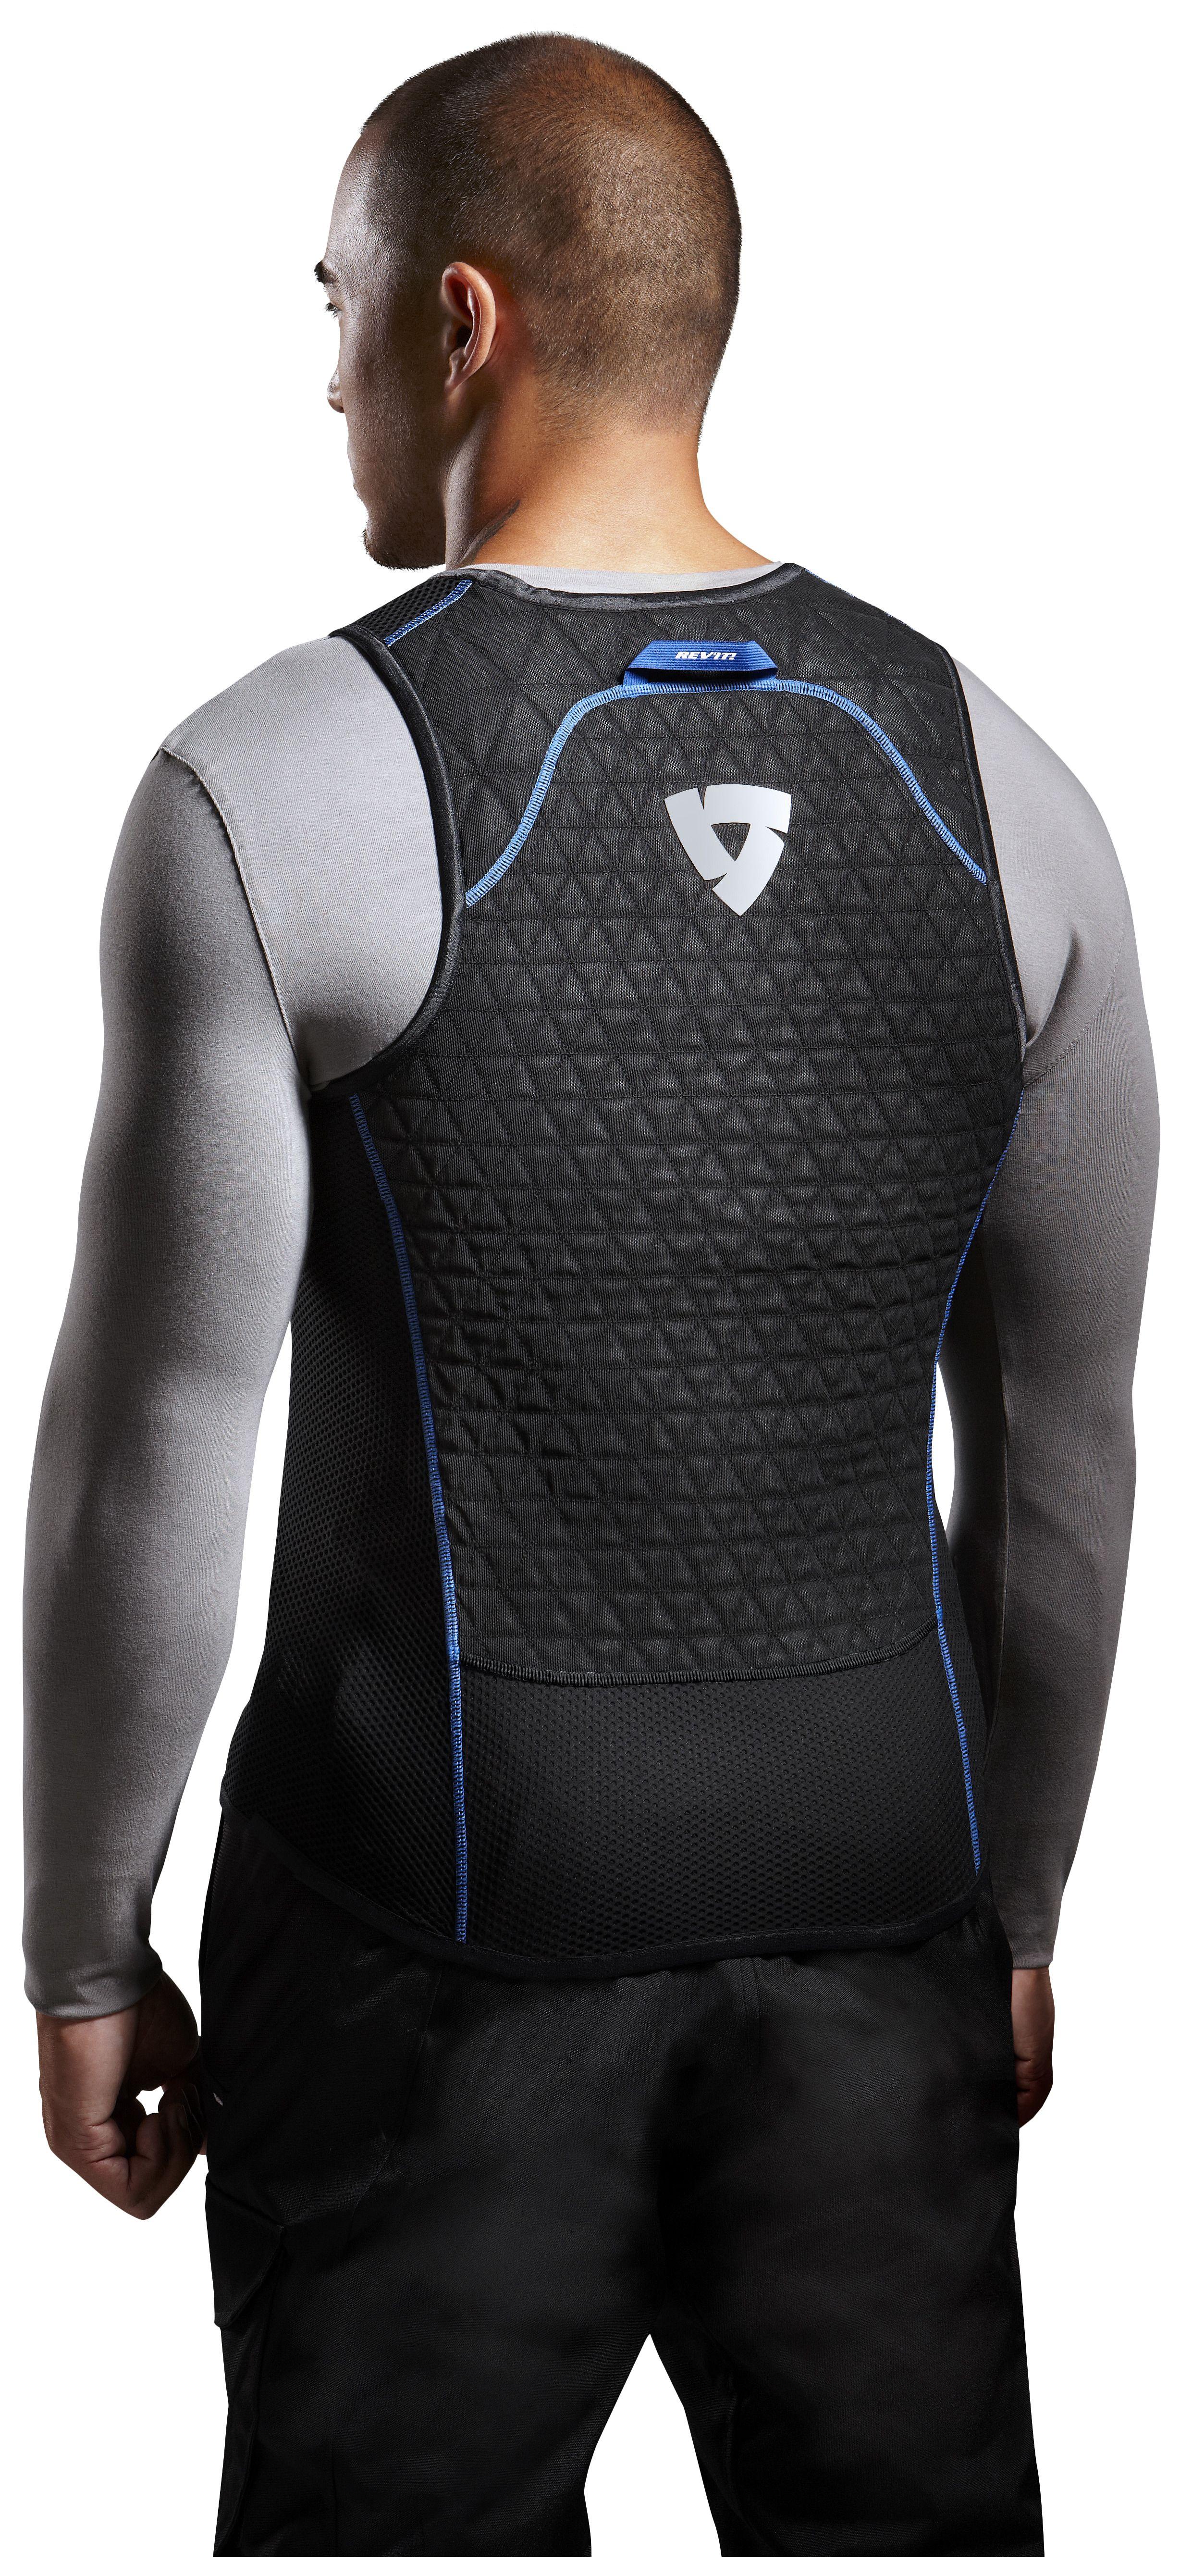 83904a49ce794 REV IT! Liquid Cooling Vest - RevZilla